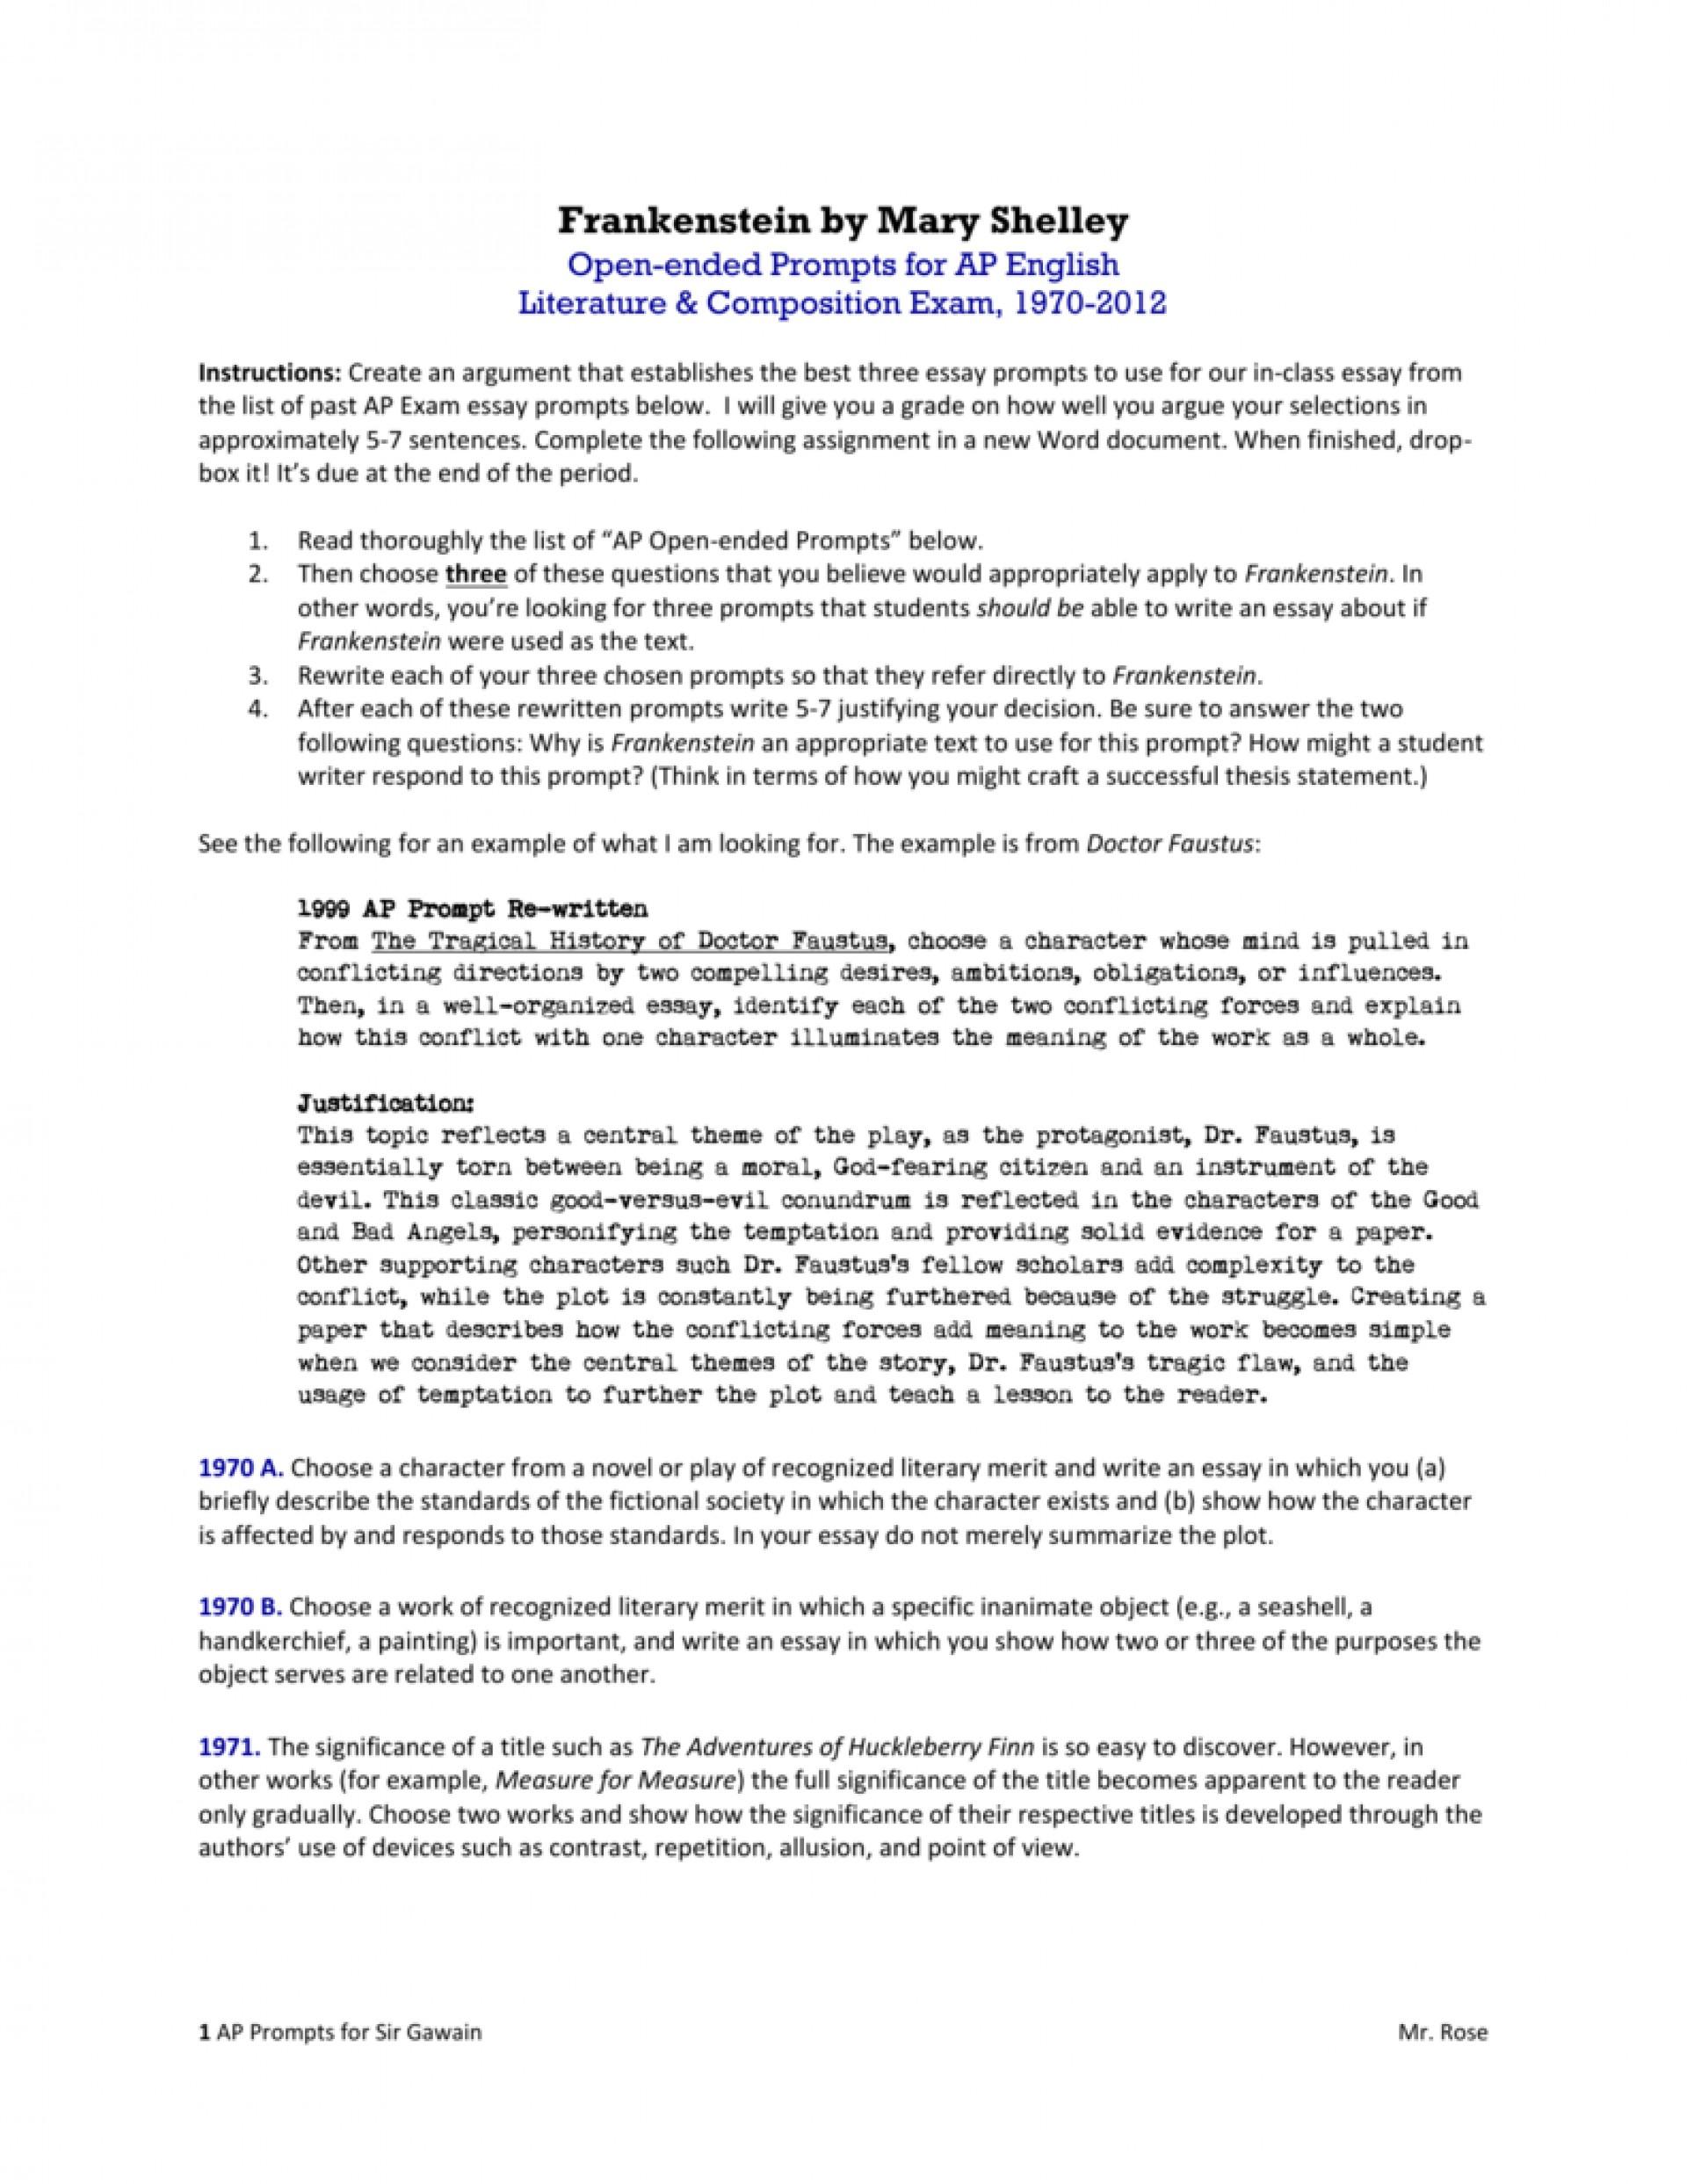 006 Essay Example 008348300 1 Ap Literature Stunning Prompts List 2008 Macbeth 1920